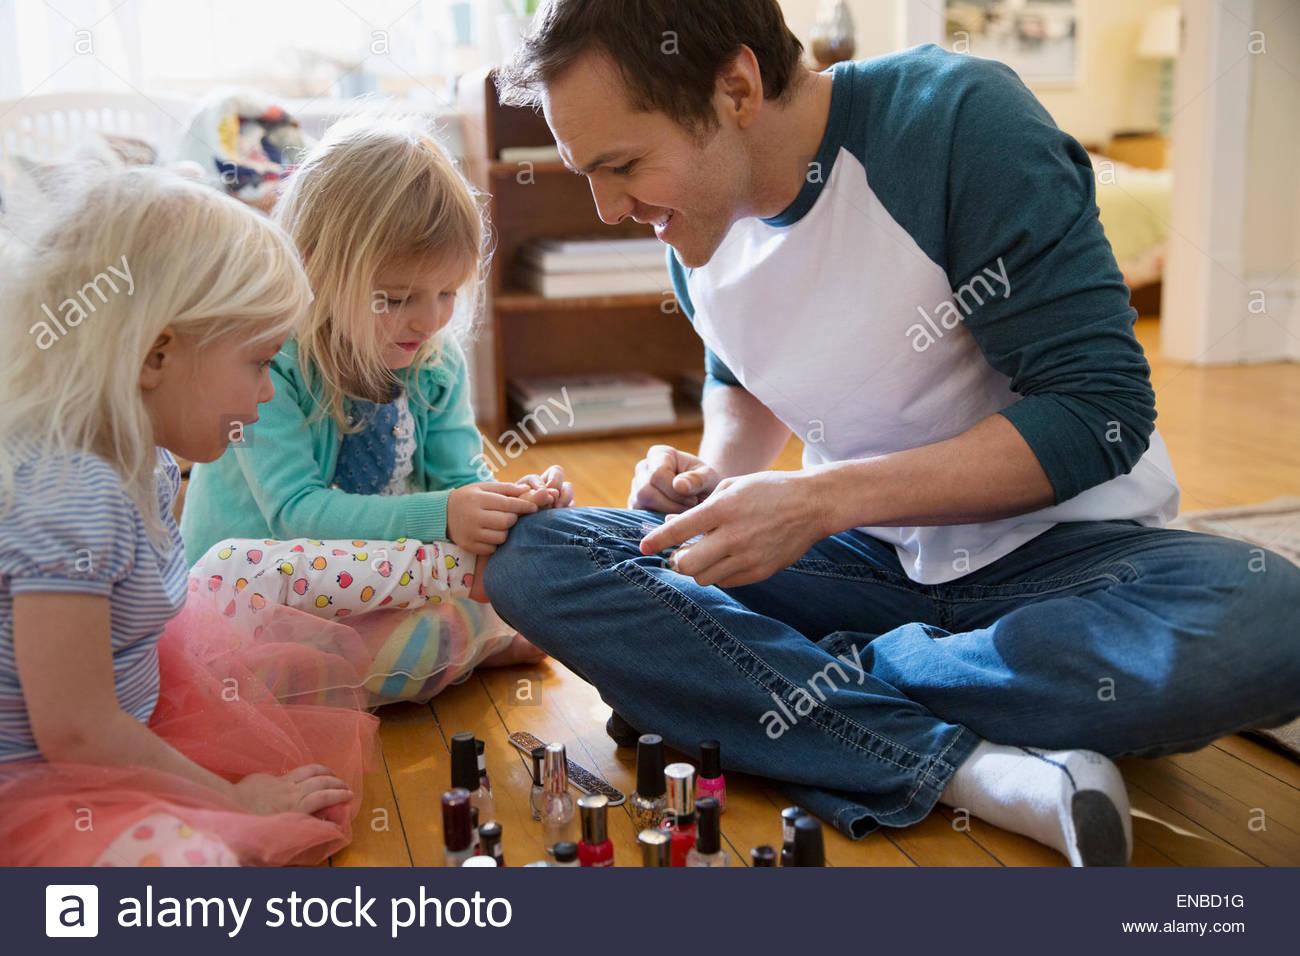 Père fille peinture avec les doigts à ongles Photo Stock